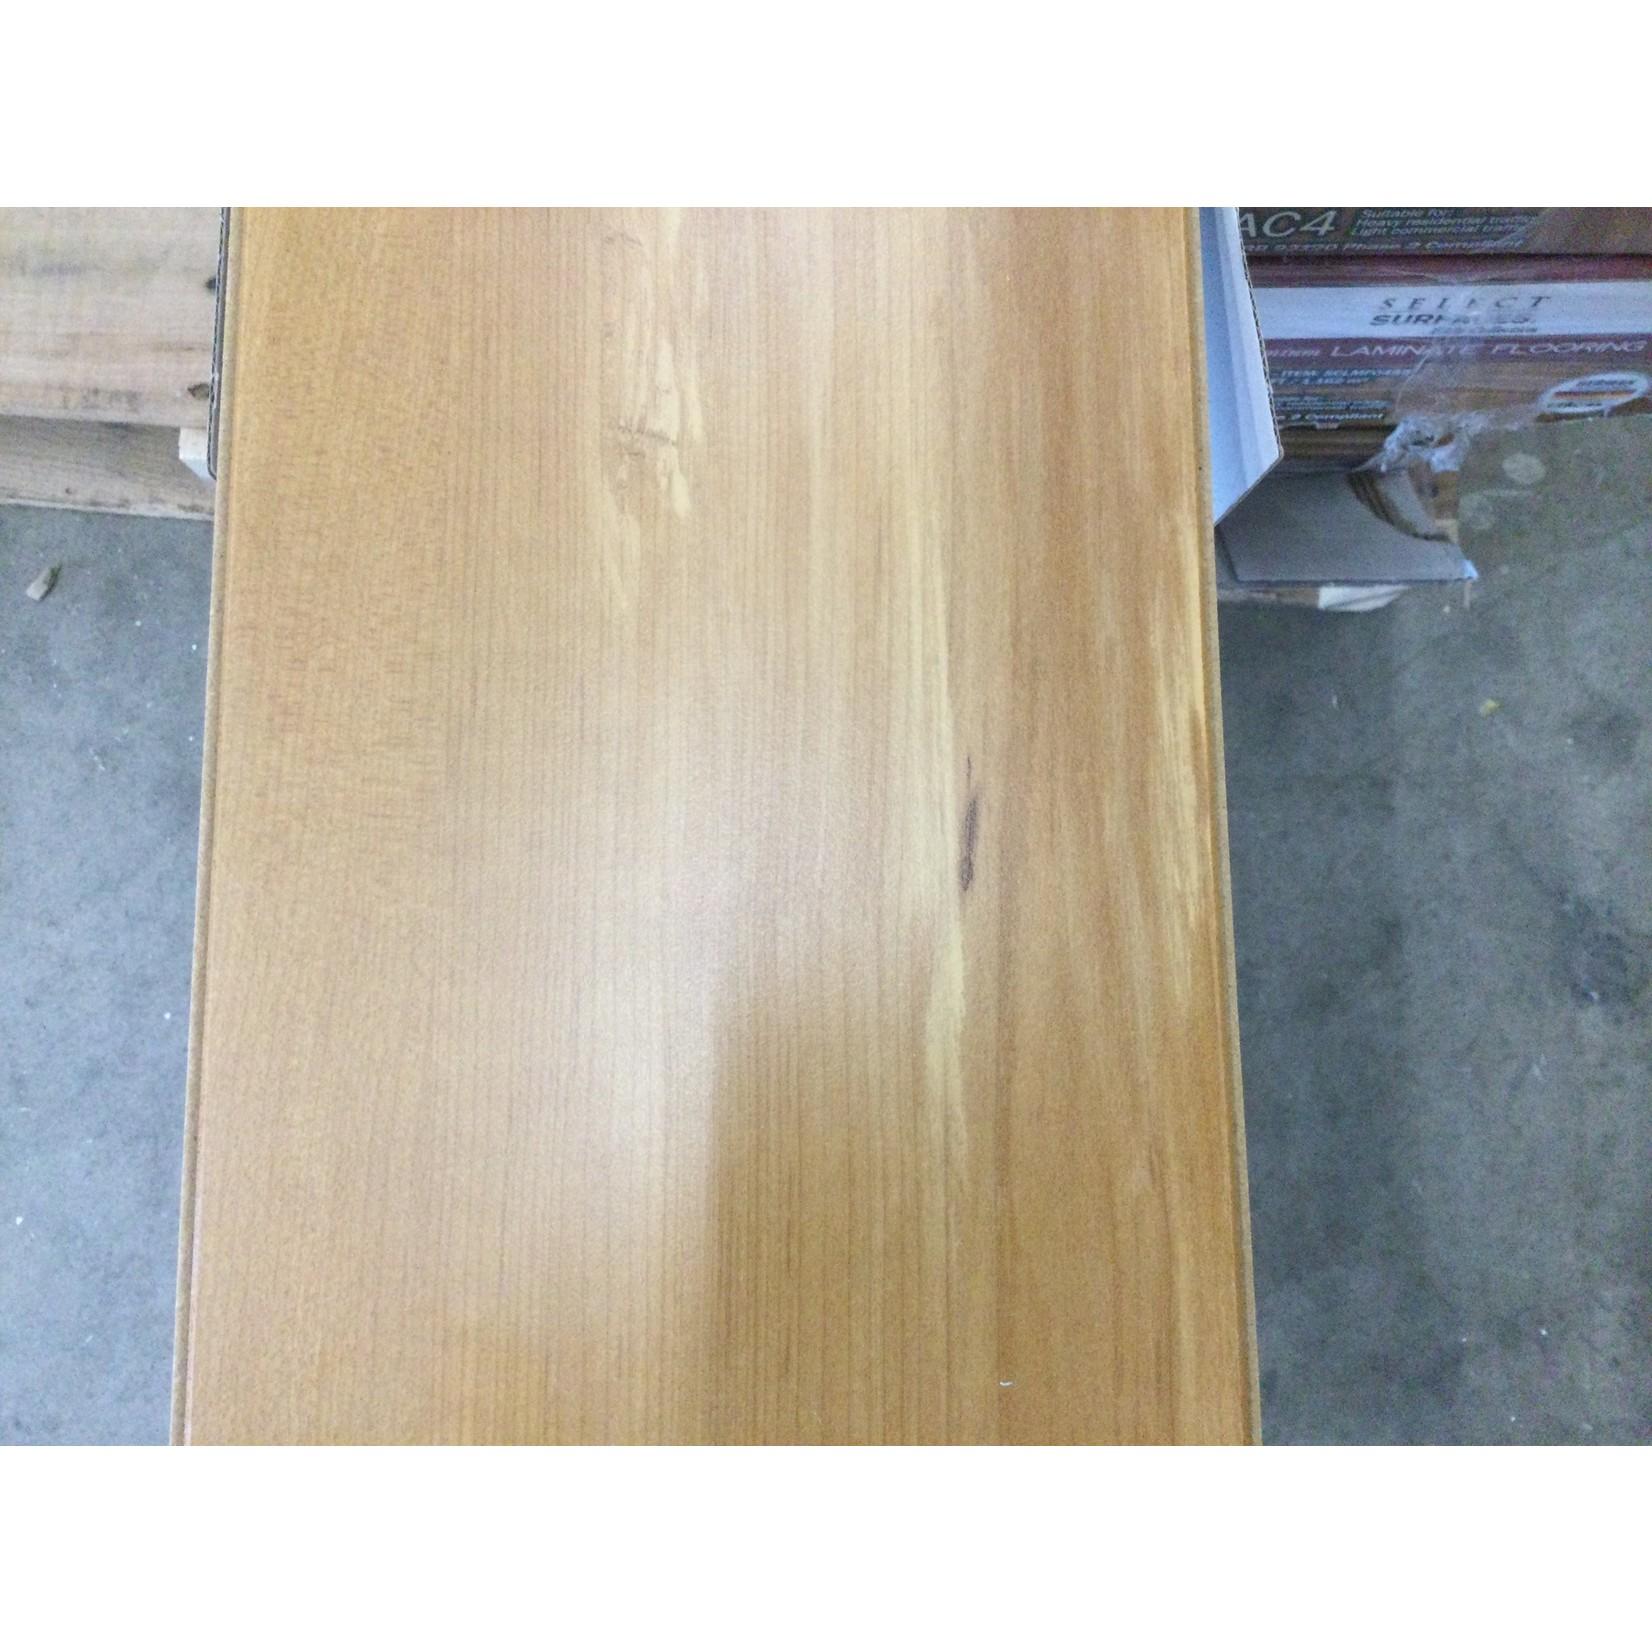 10040 Select Surfaces Premium Laminate Flooring